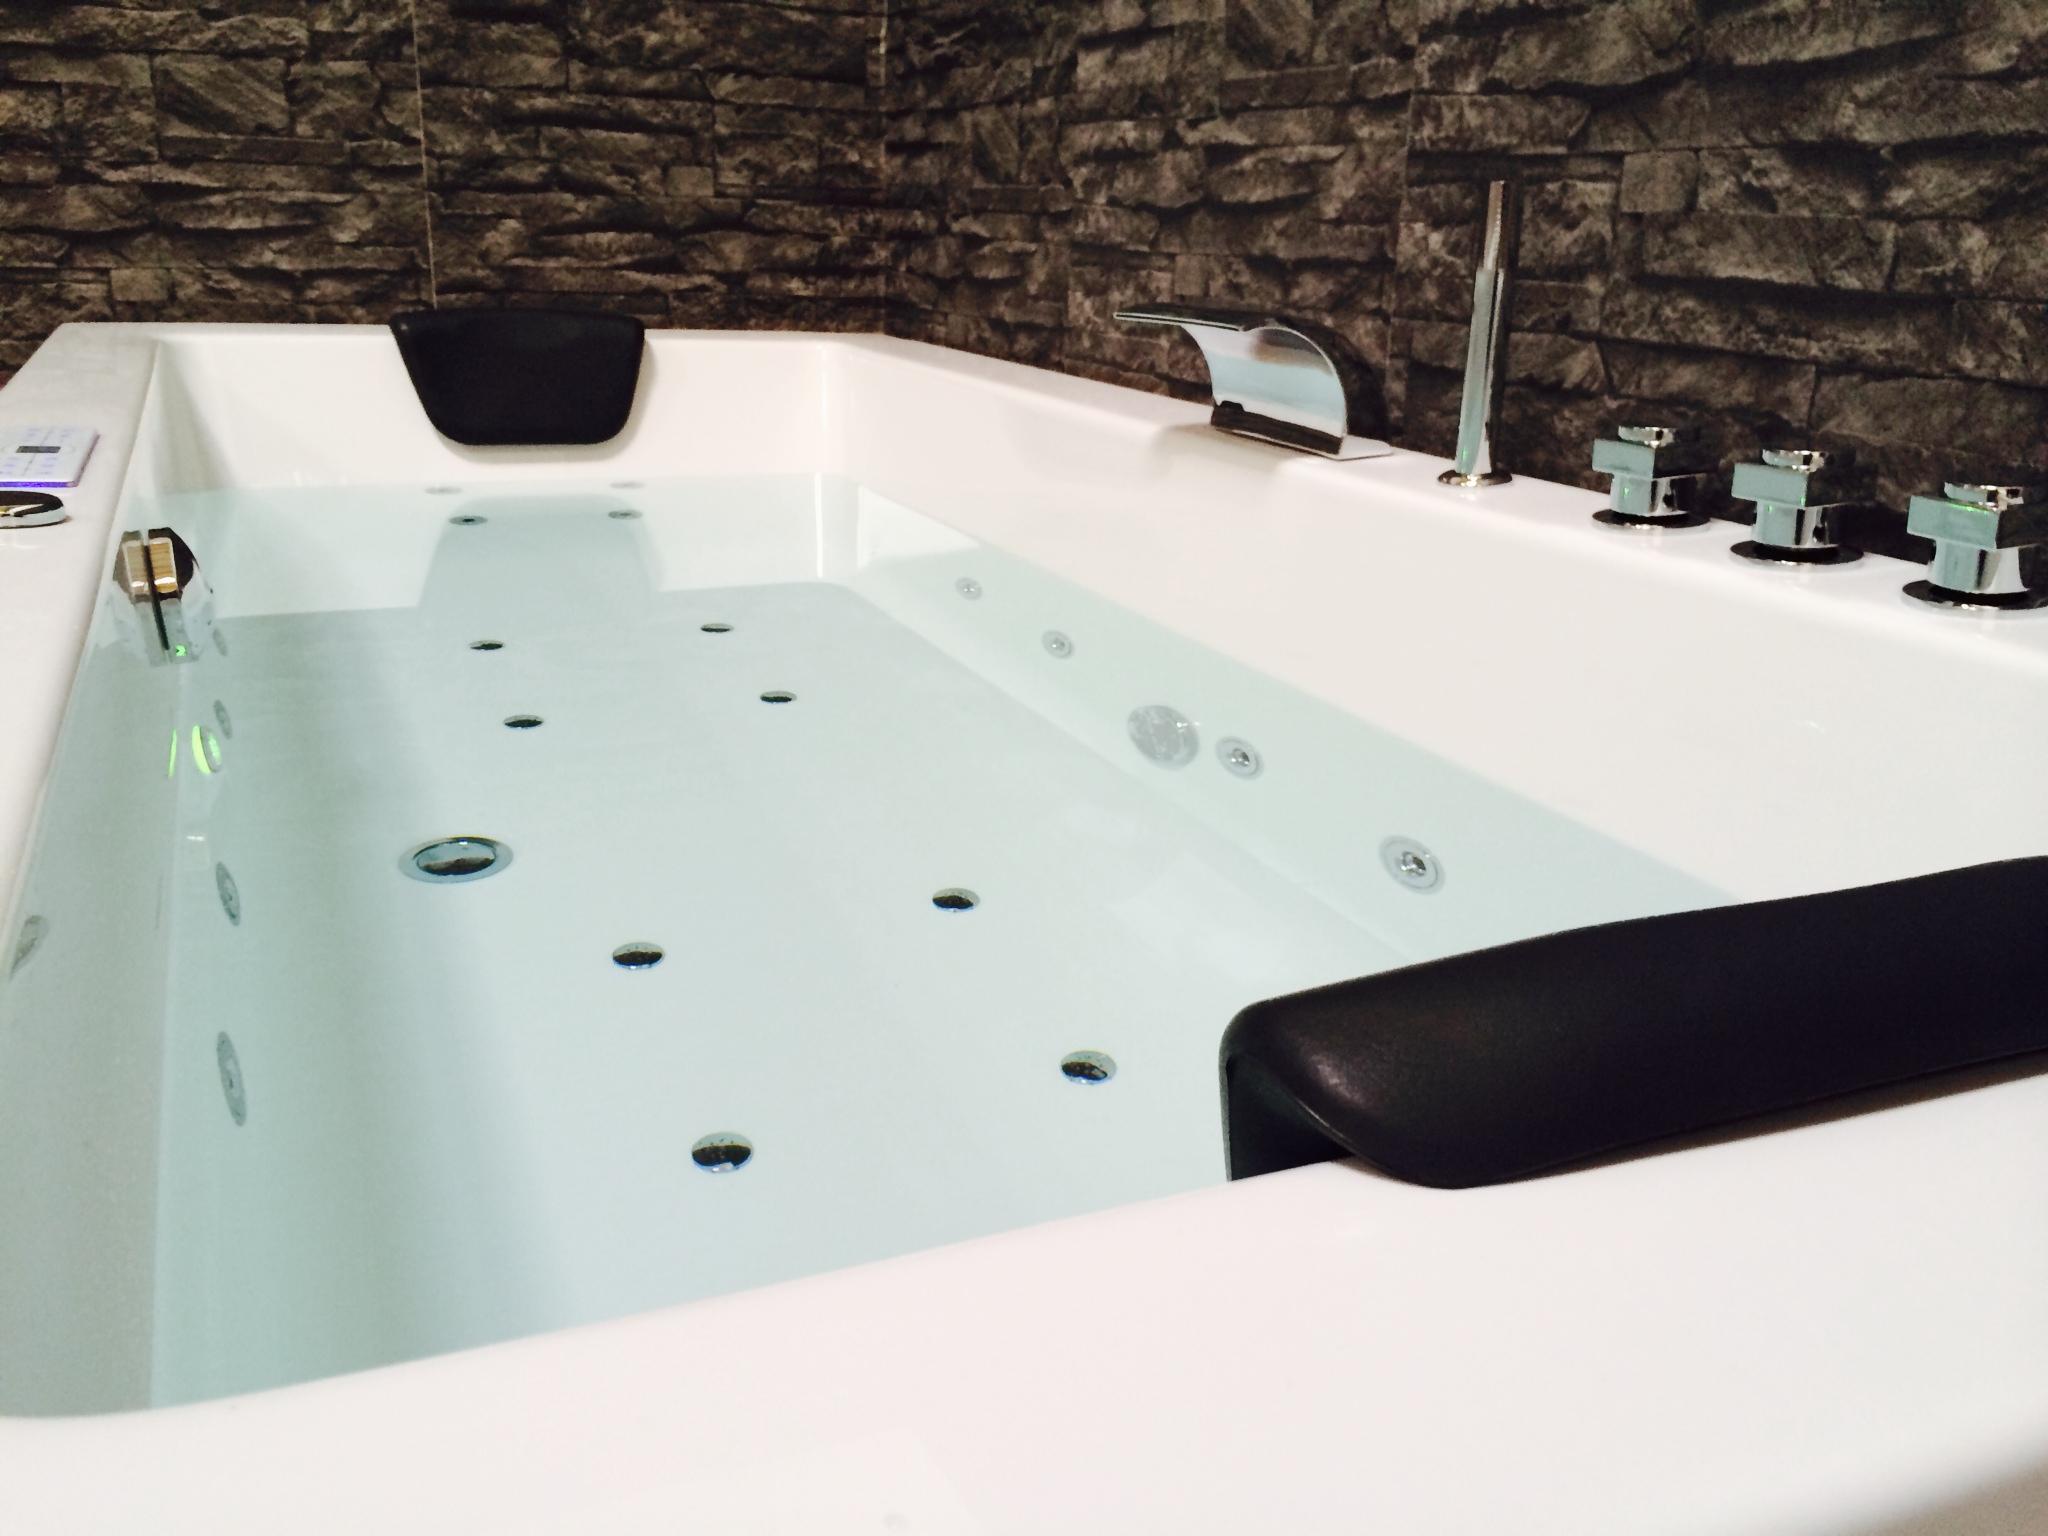 badewanne 180 90 energiemakeovernop. Black Bedroom Furniture Sets. Home Design Ideas